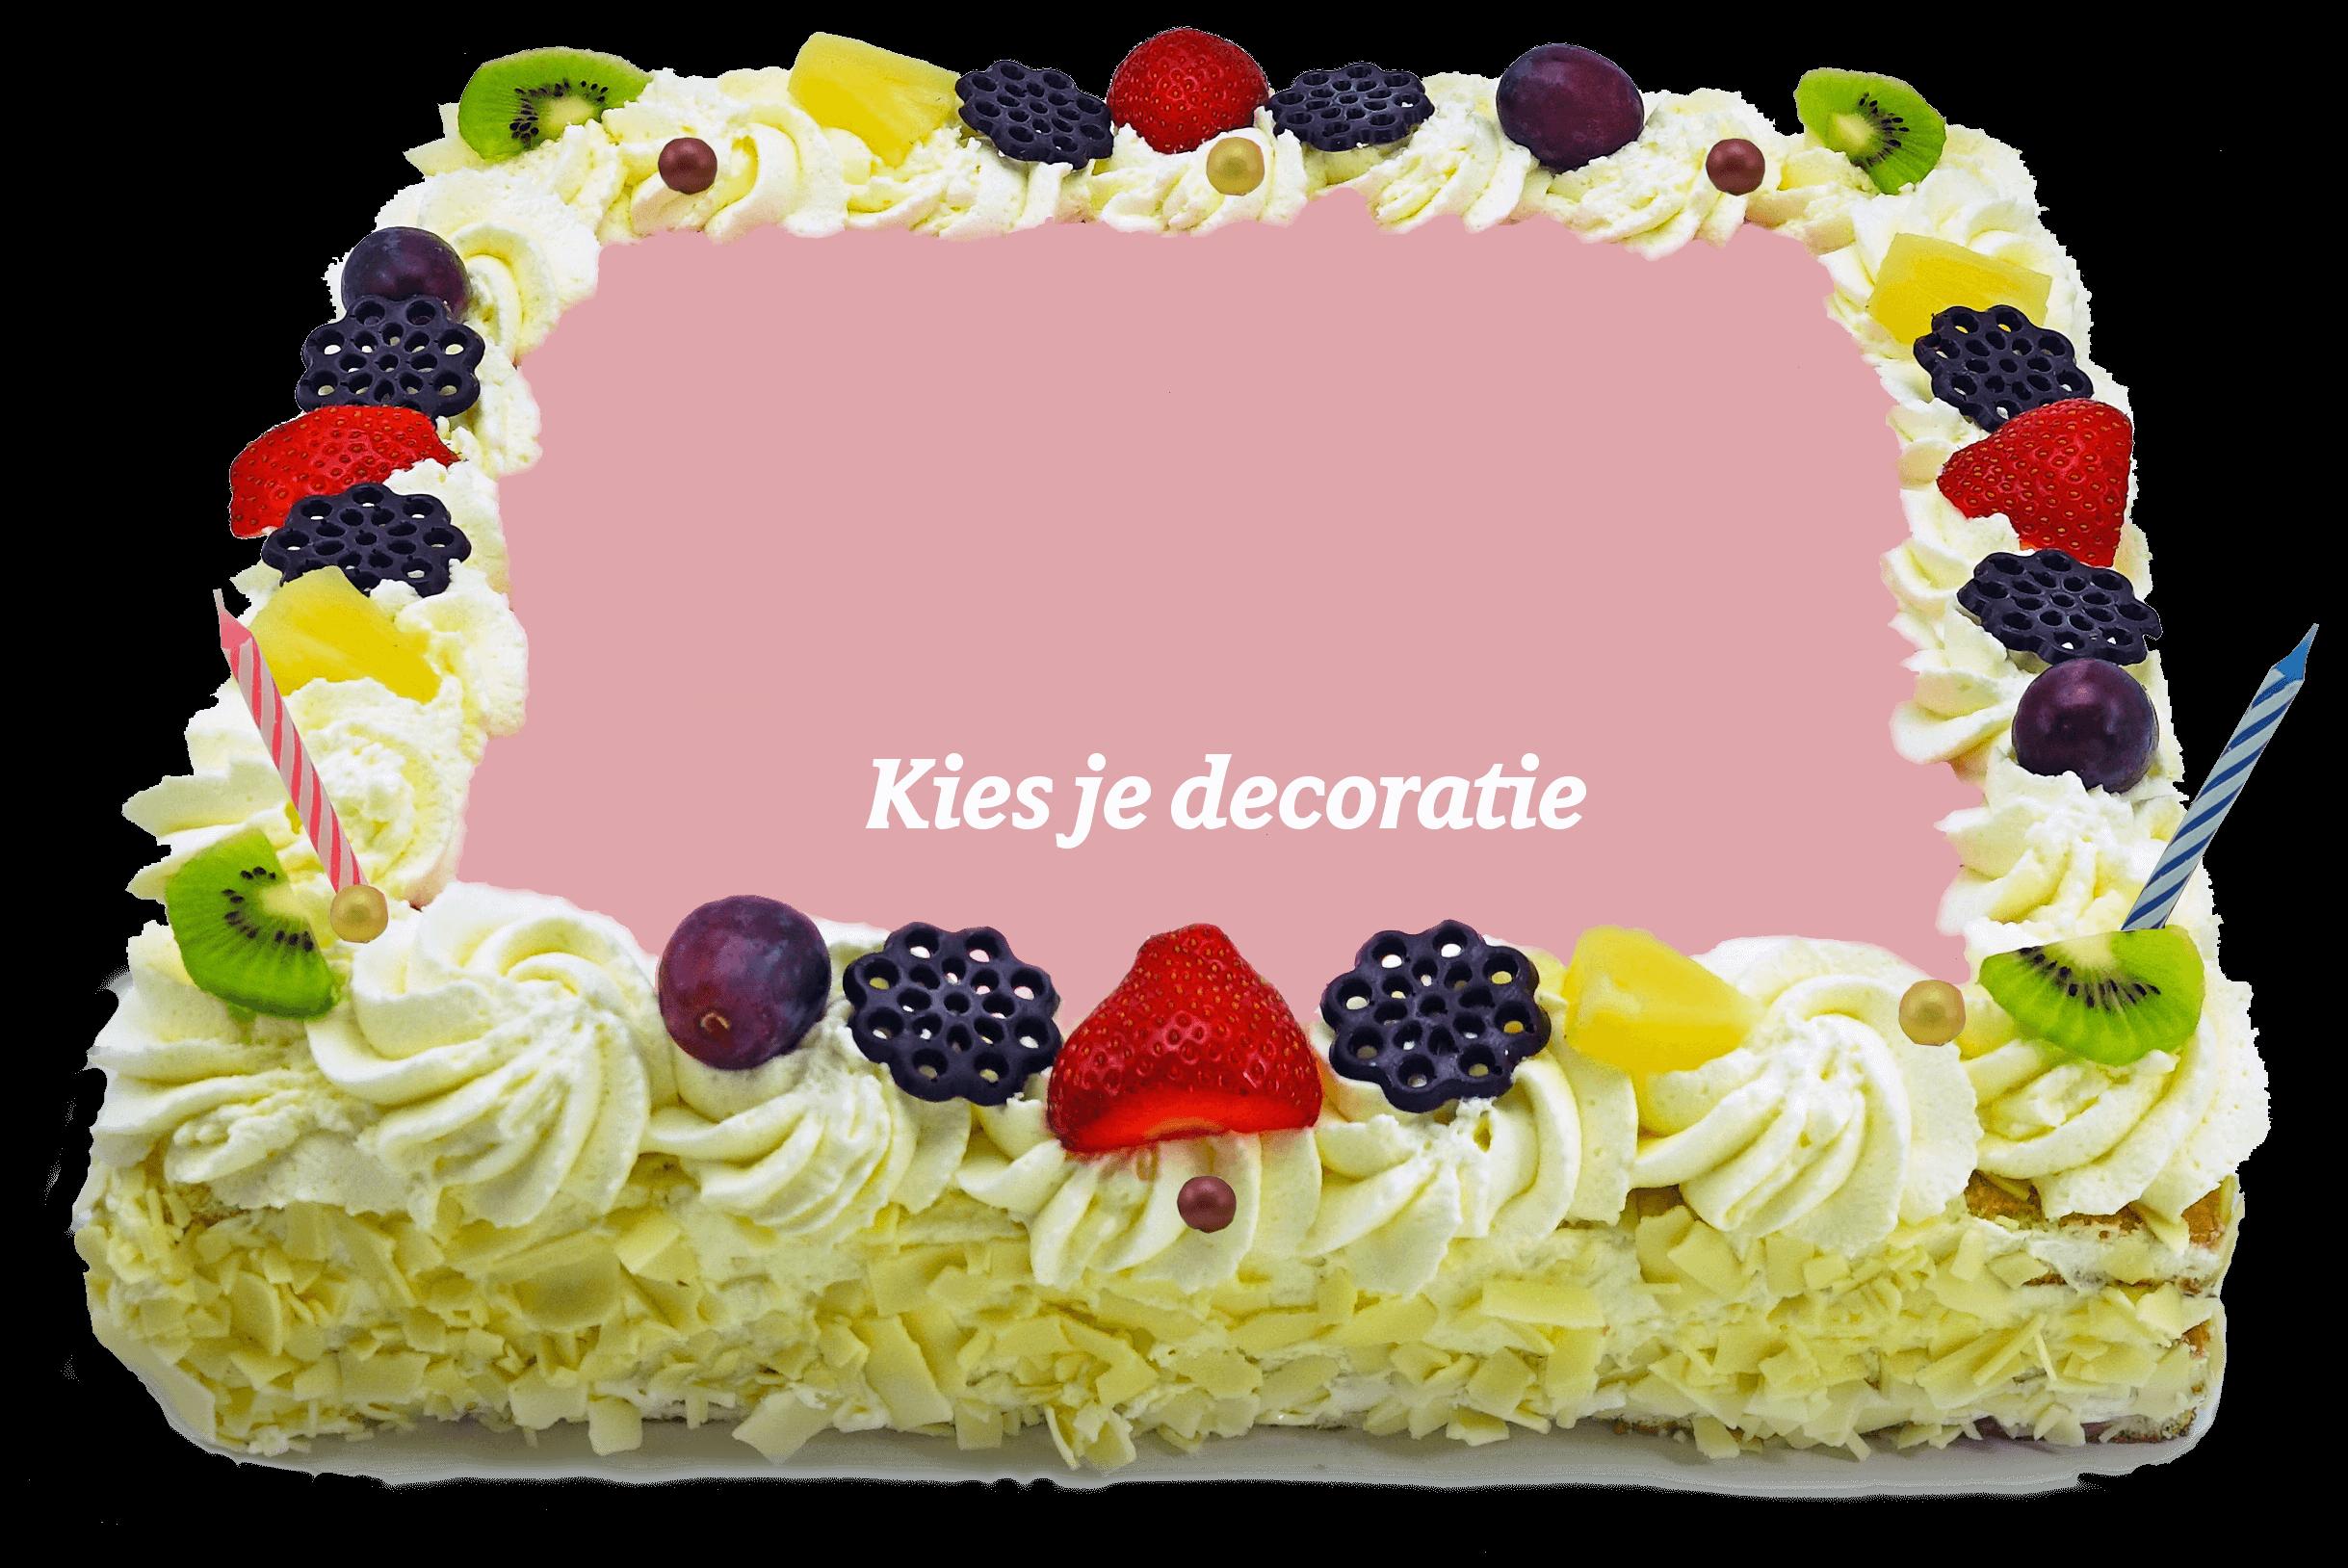 Decoratie taart bakkerij kwakman 2